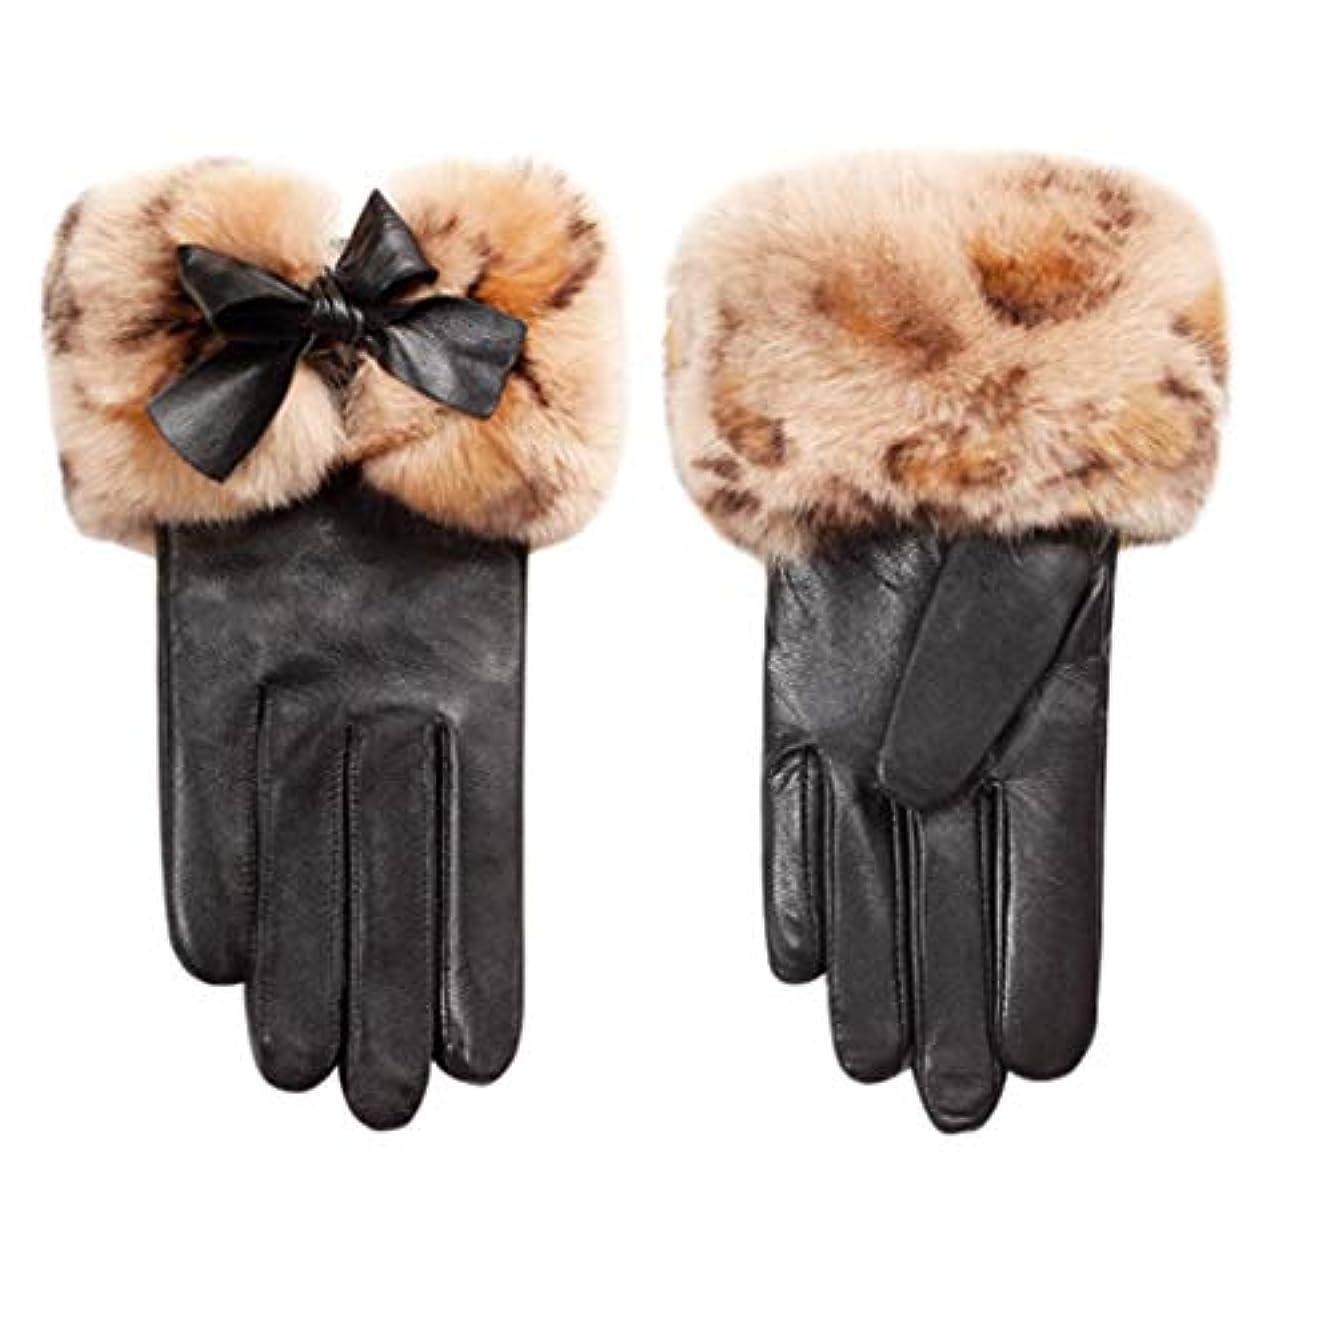 合意値下げ里親手袋女性の冬プラスベルベット厚い暖かい韓国のかわいい乗り物運転屋外防風レディース革手袋N2E8X81452黒M